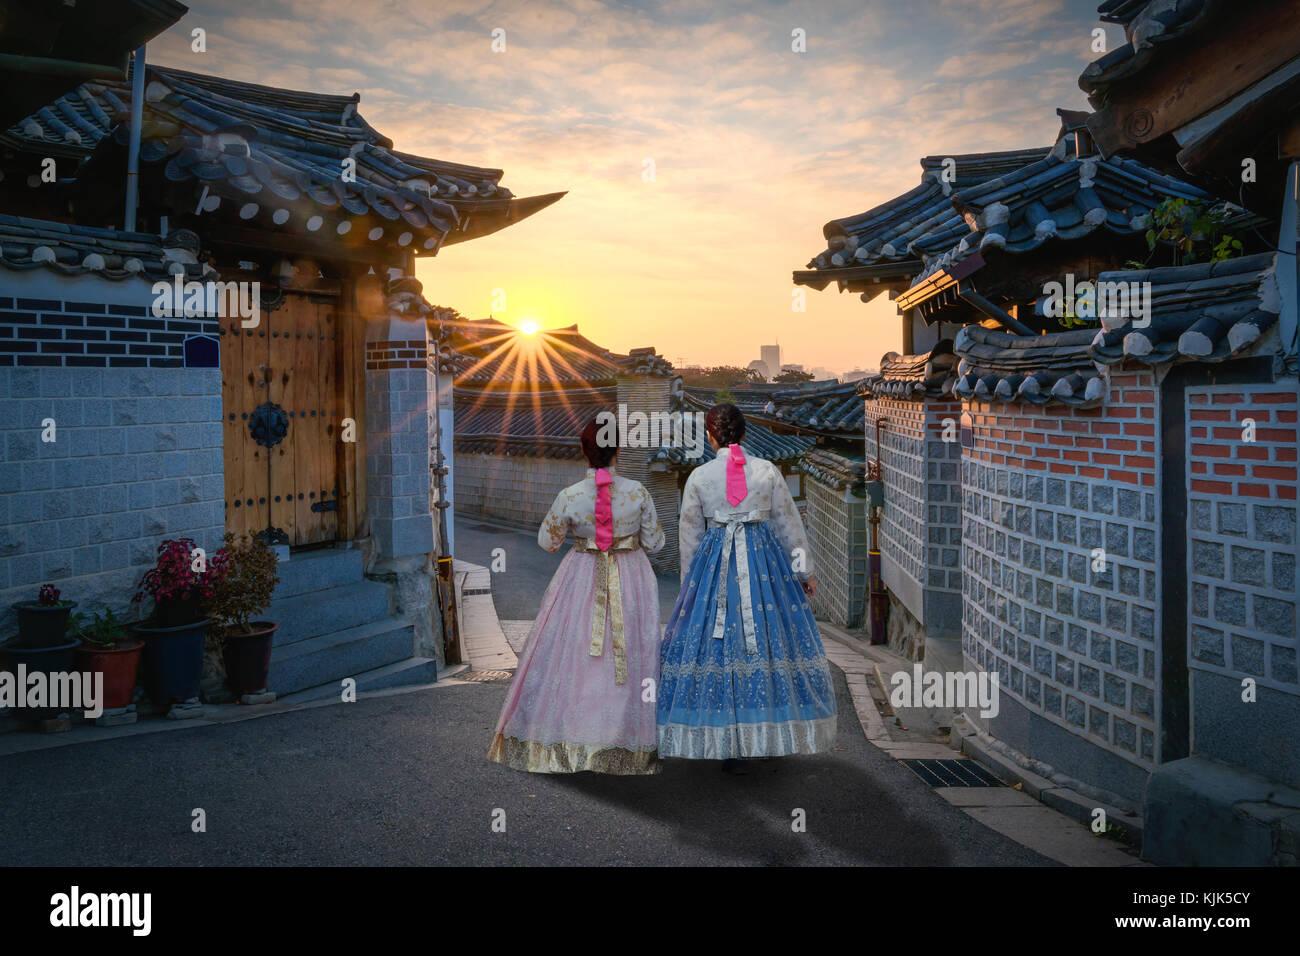 Indietro di due donne che indossano hanbok camminando attraverso lo stile tradizionale delle case di il villaggio Immagini Stock